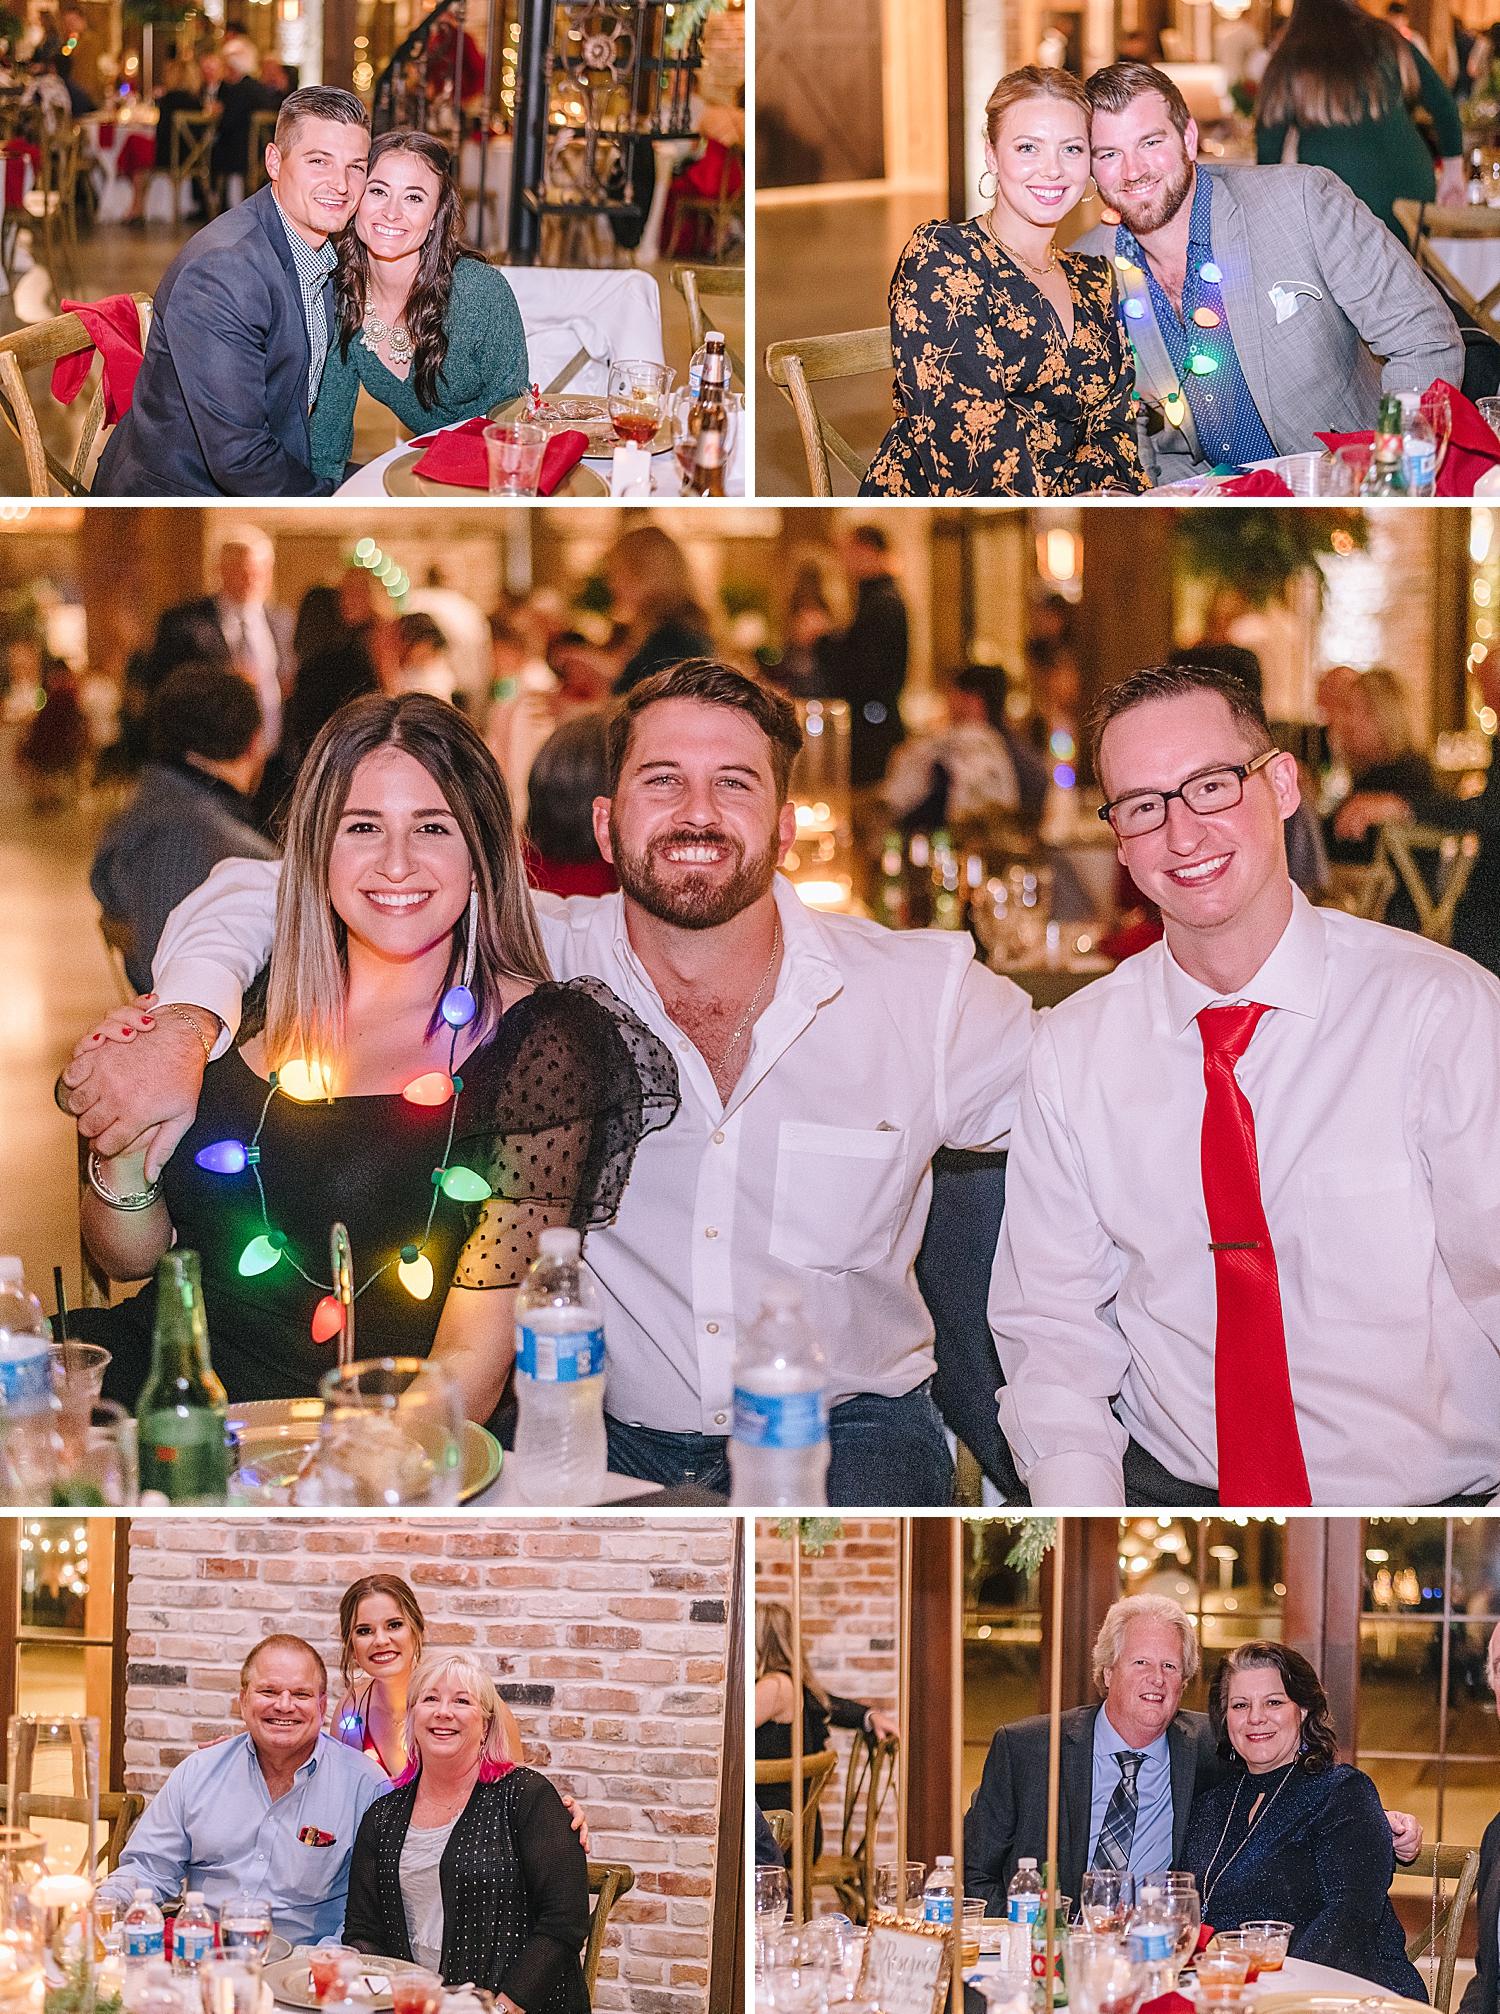 College-Station-Aggie-Wedding-The-Weinberg-at-Wixon-Valley-Christmas-Hallmark-Wedding_0094.jpg